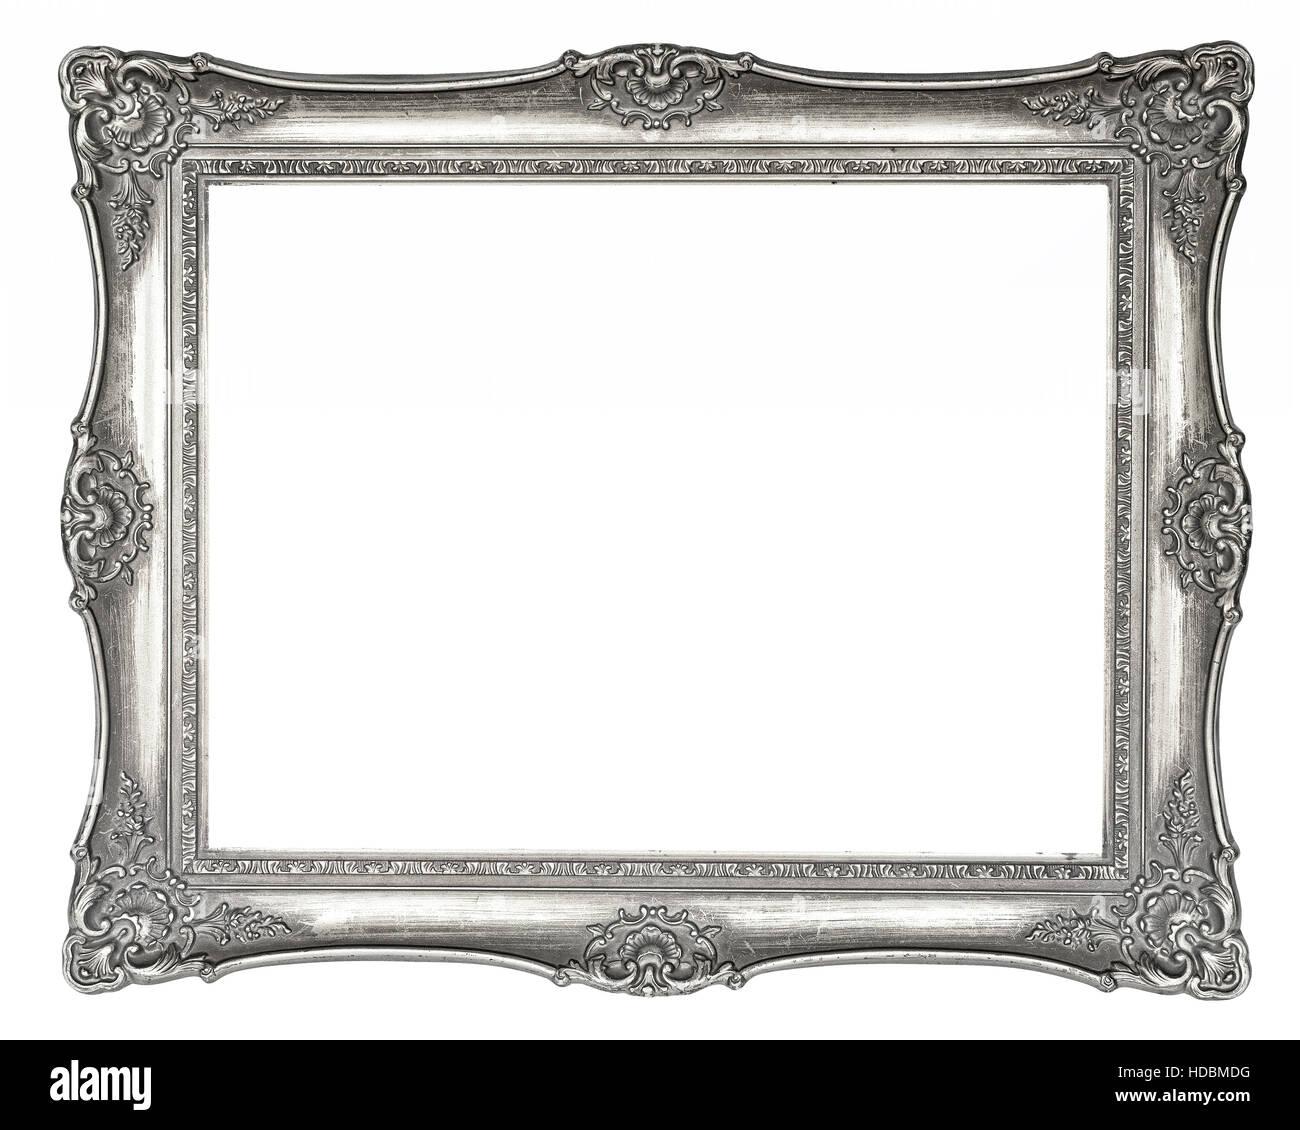 Vintage de plata marco de imagen en alta resolución aislado sobre ...